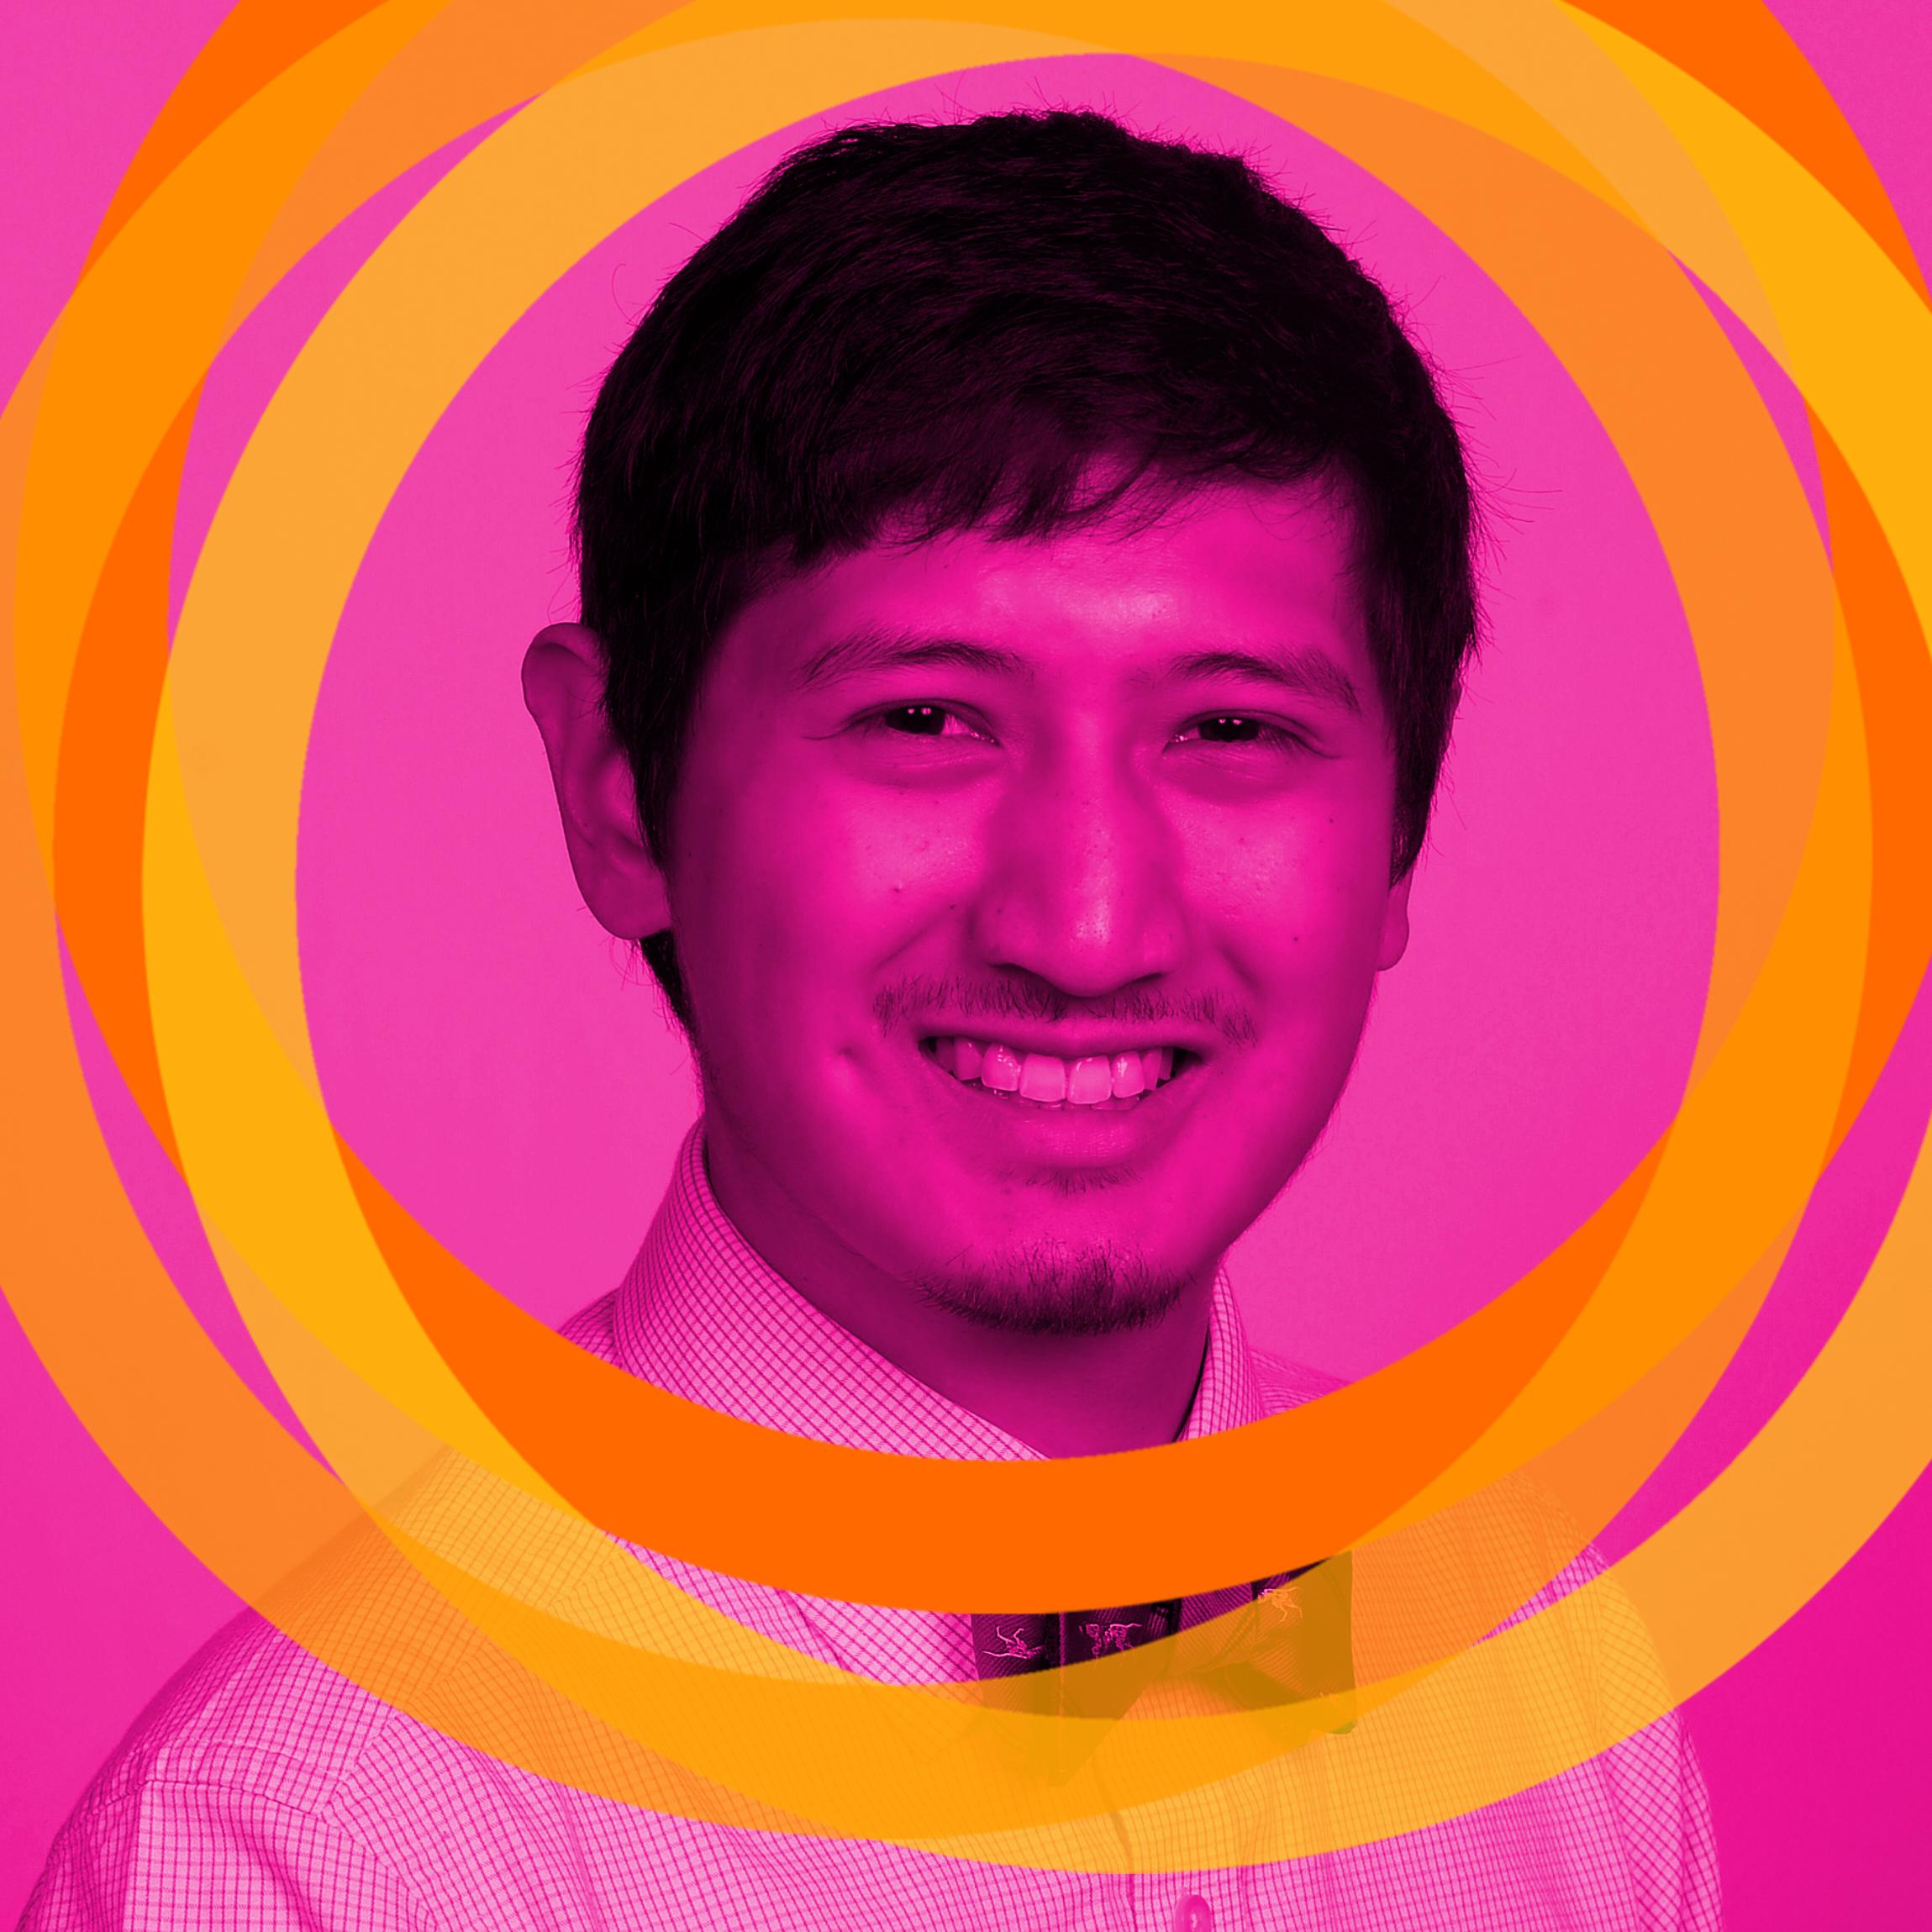 Kerry Wang